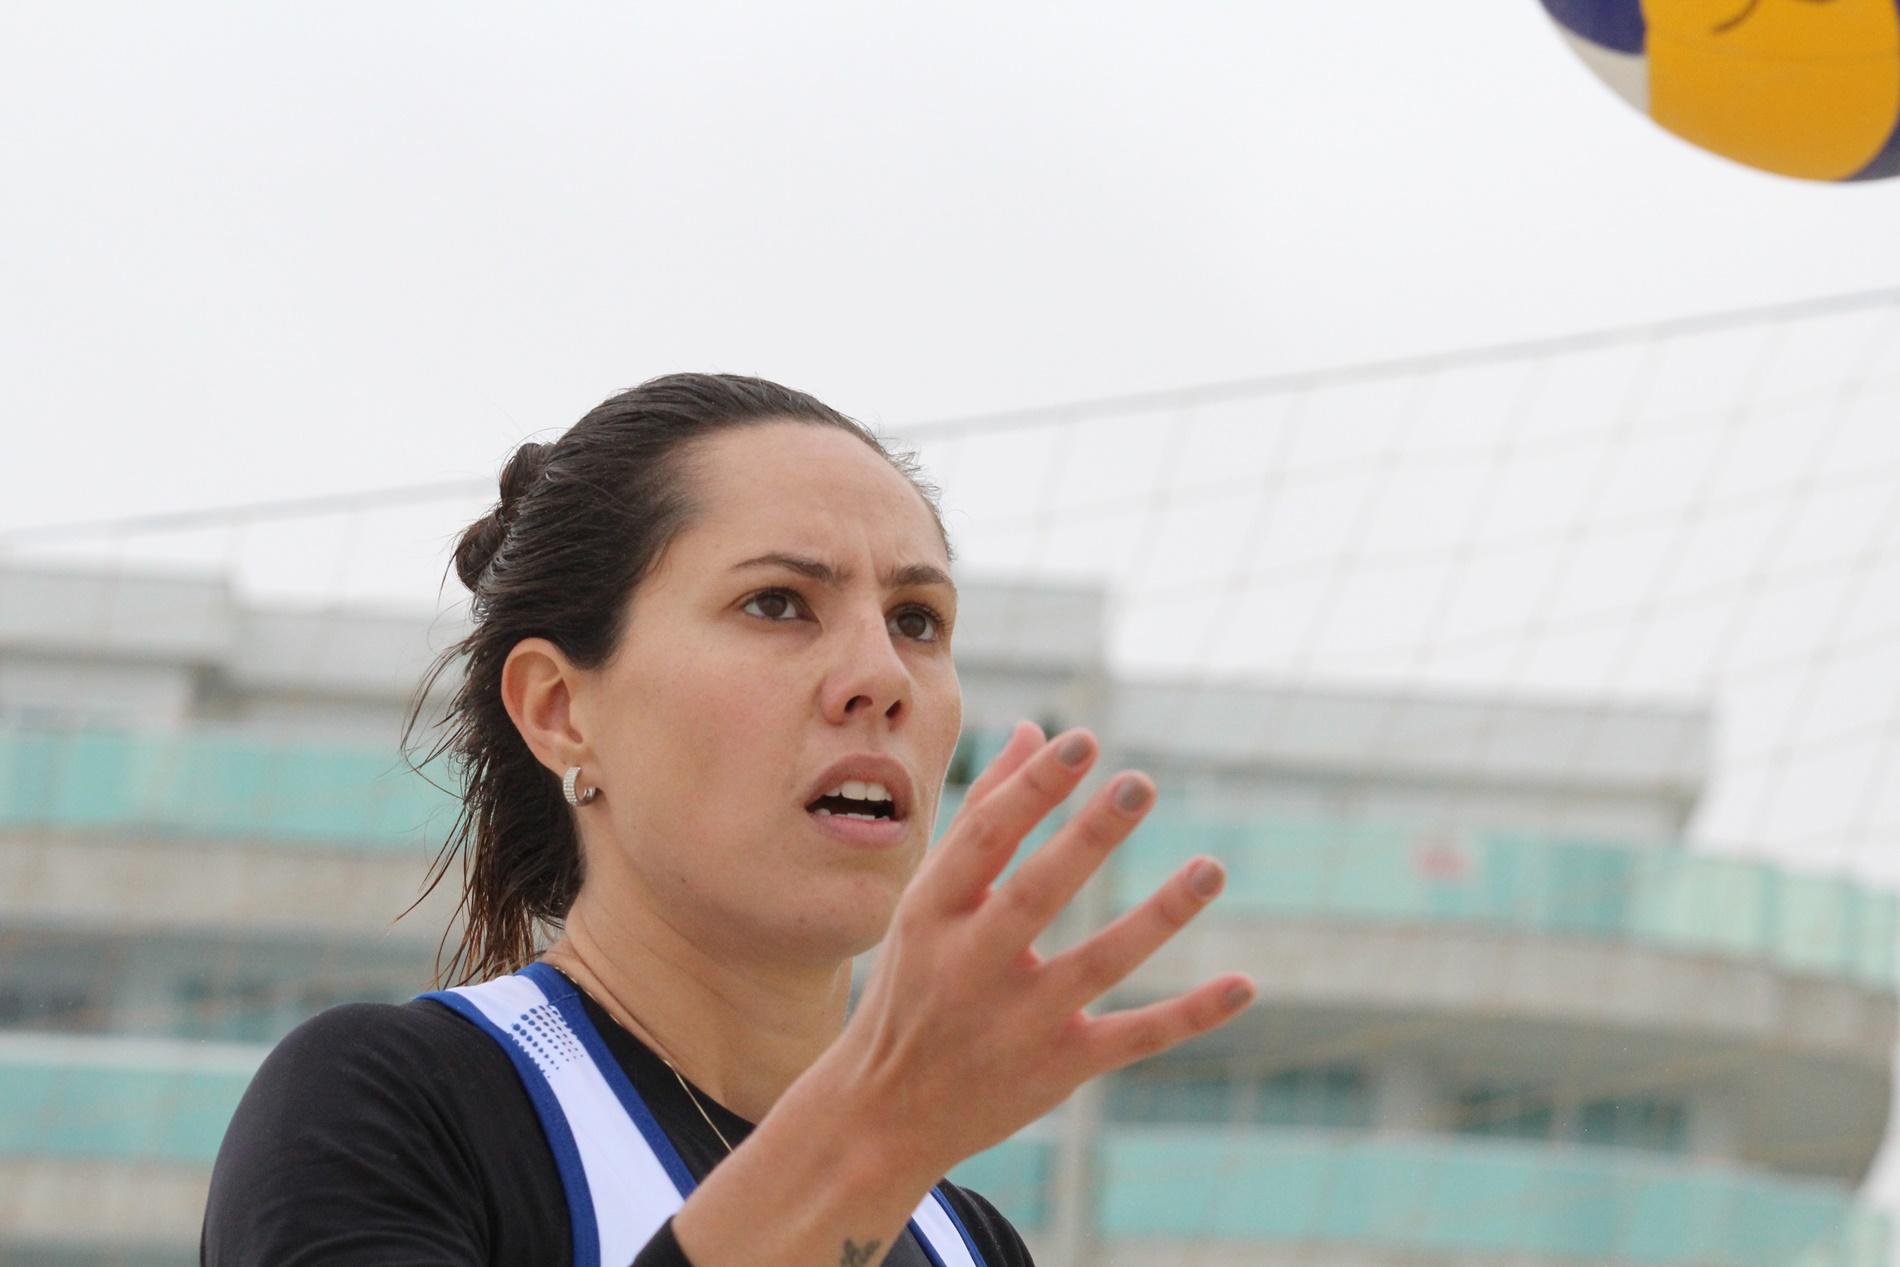 Juliana Paula Simões